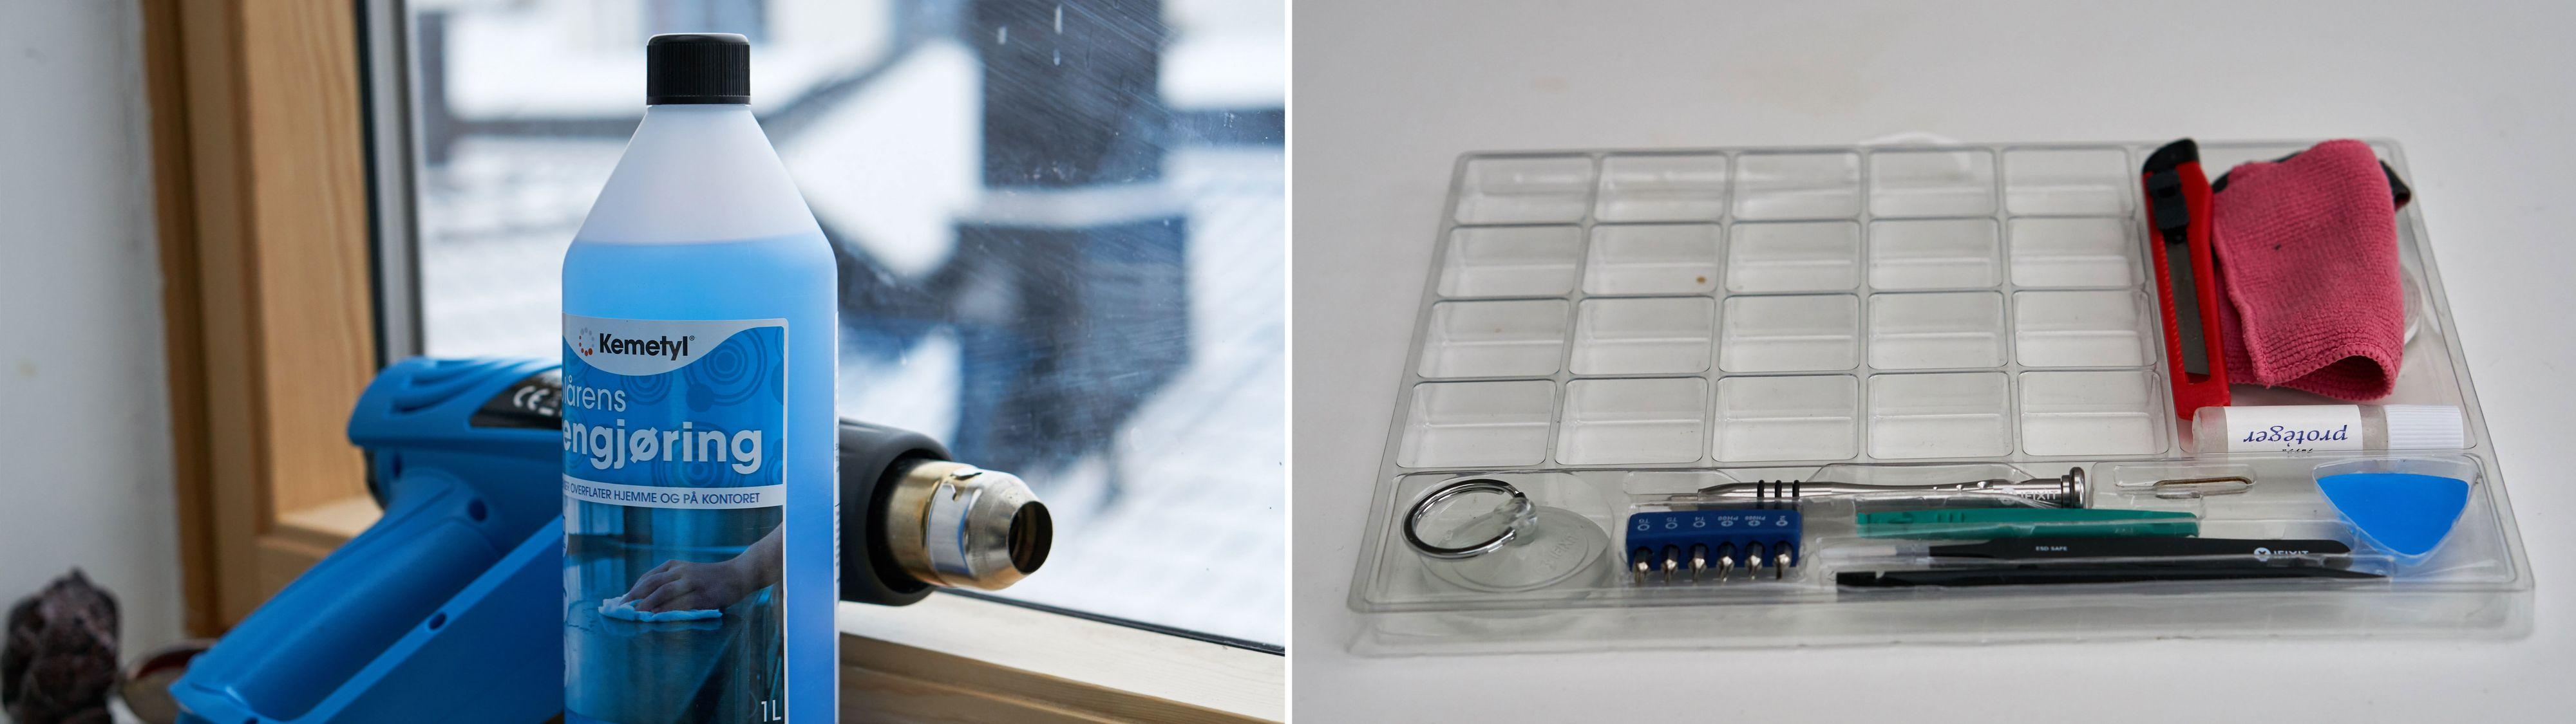 Varmepistol, isopropanol og iFixit-utstyr trengs.